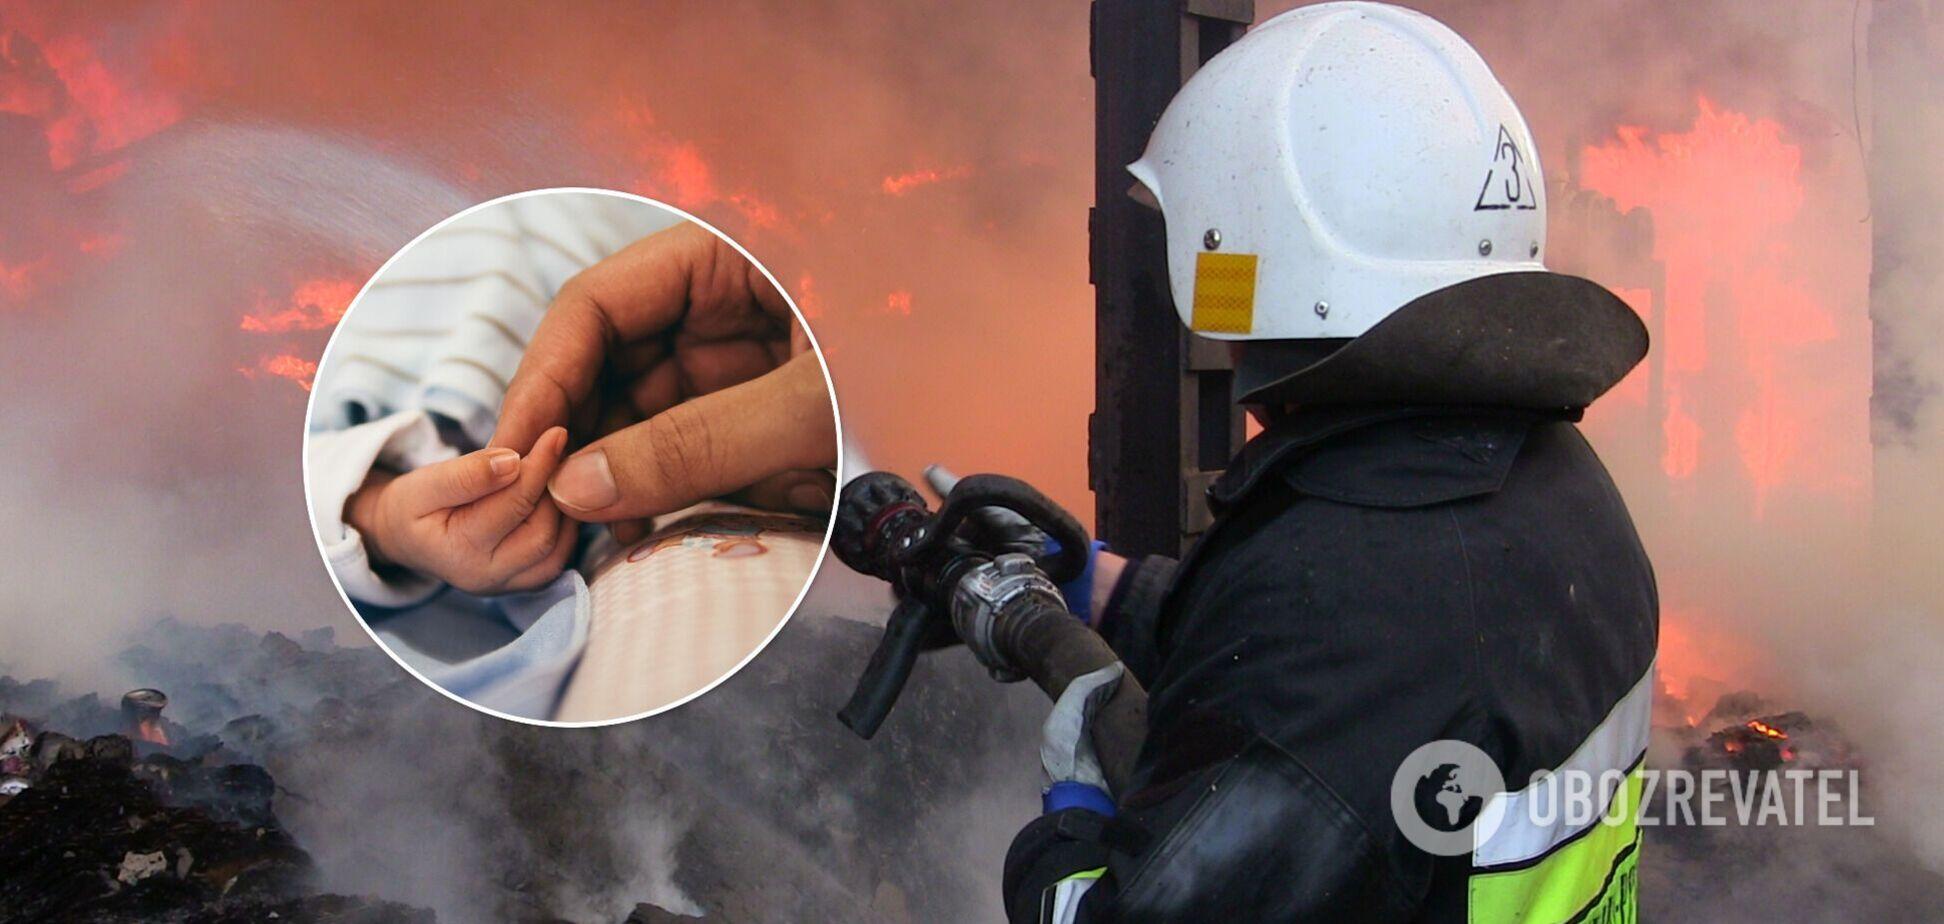 У приватному будинку під Харковом спалахнула пожежа, жінка з немовлям потрапили до лікарні. Фото